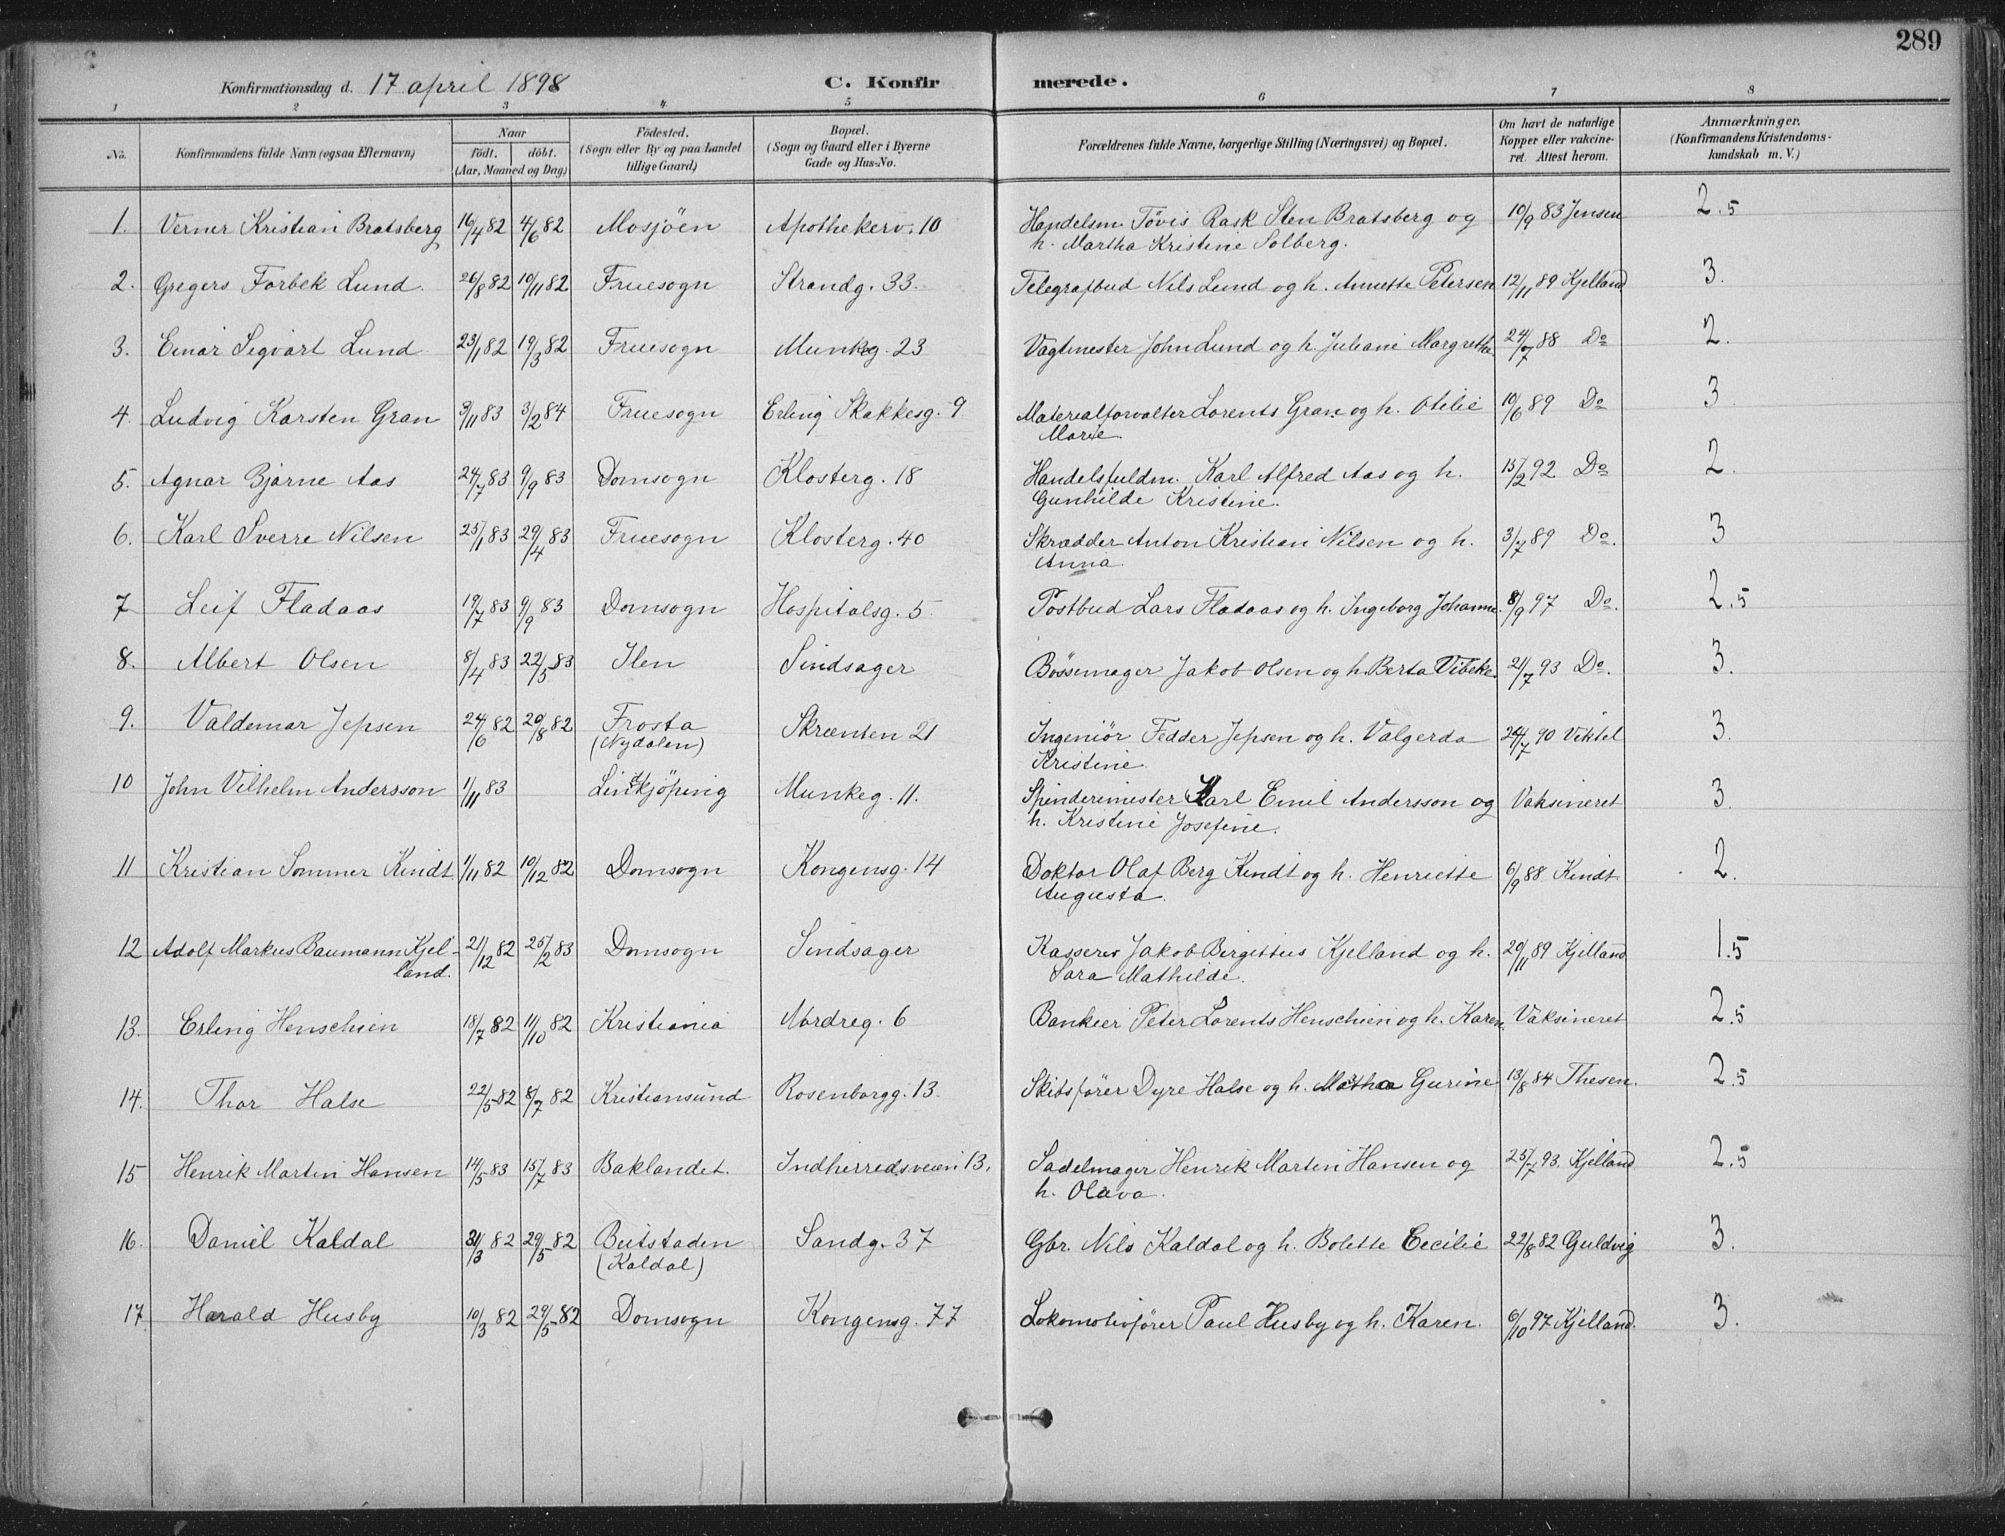 SAT, Ministerialprotokoller, klokkerbøker og fødselsregistre - Sør-Trøndelag, 601/L0062: Ministerialbok nr. 601A30, 1891-1911, s. 289